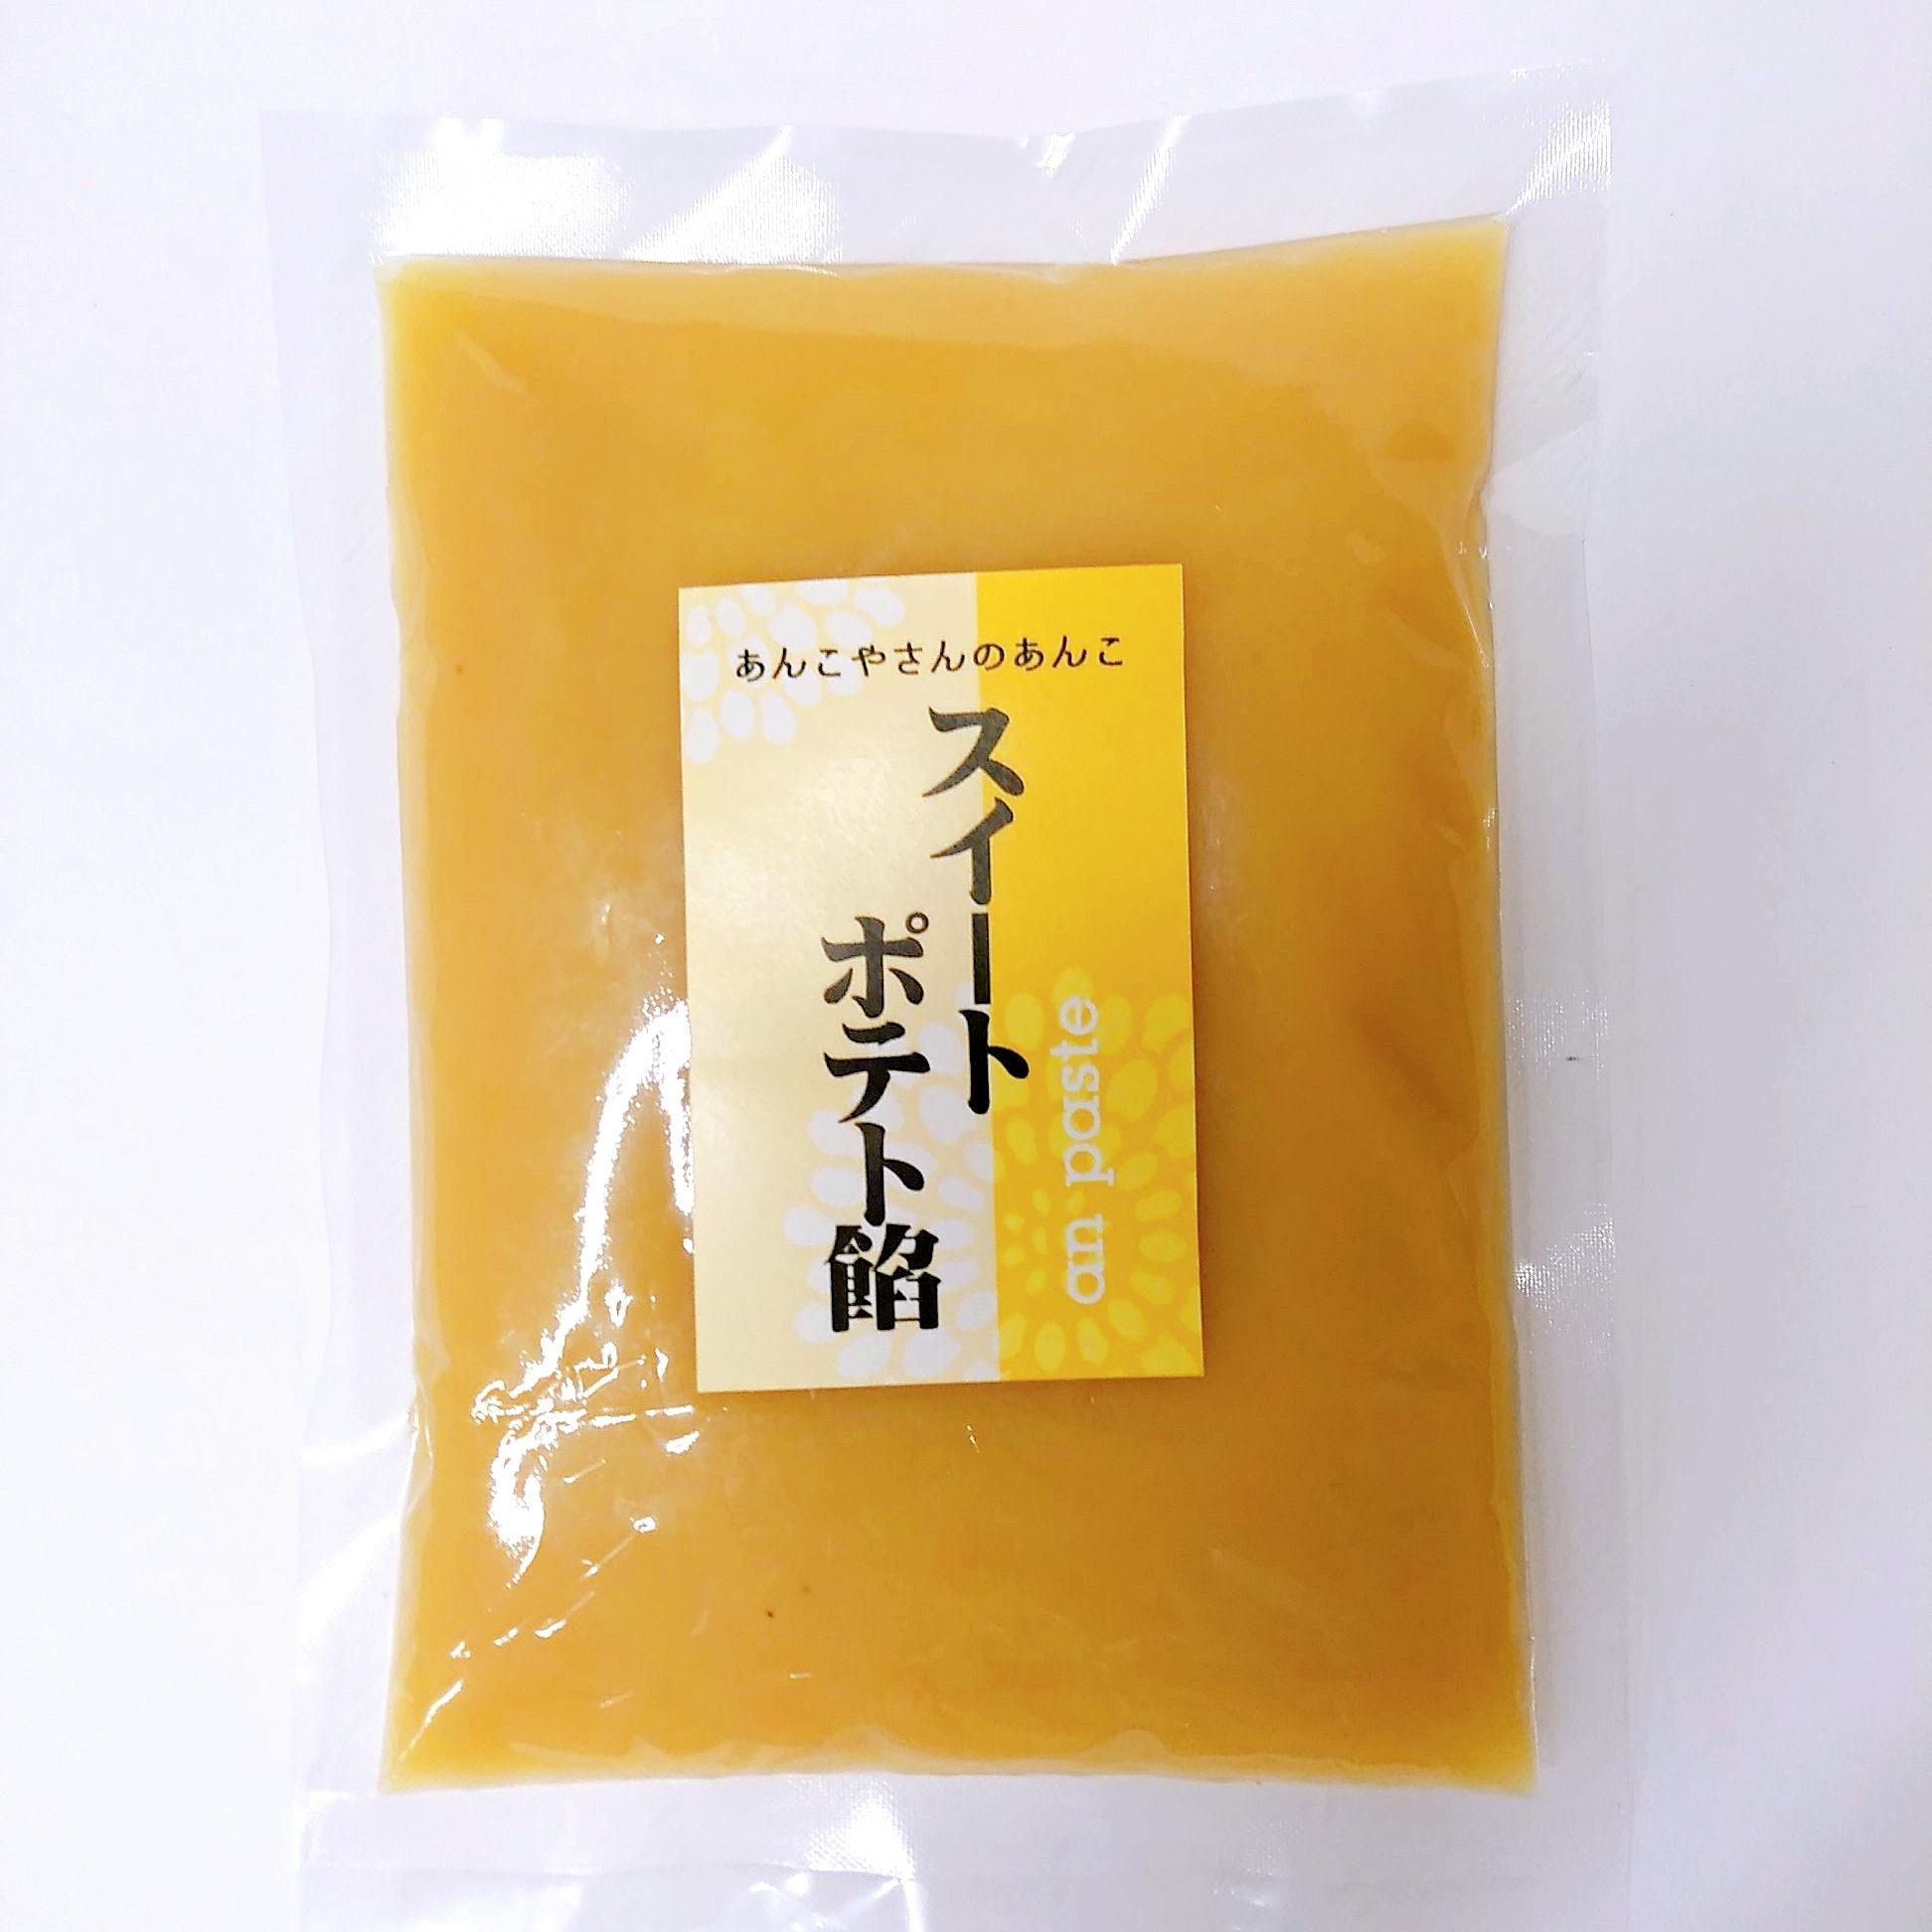 【スイートポテト餡】あんこ屋さんの餡子